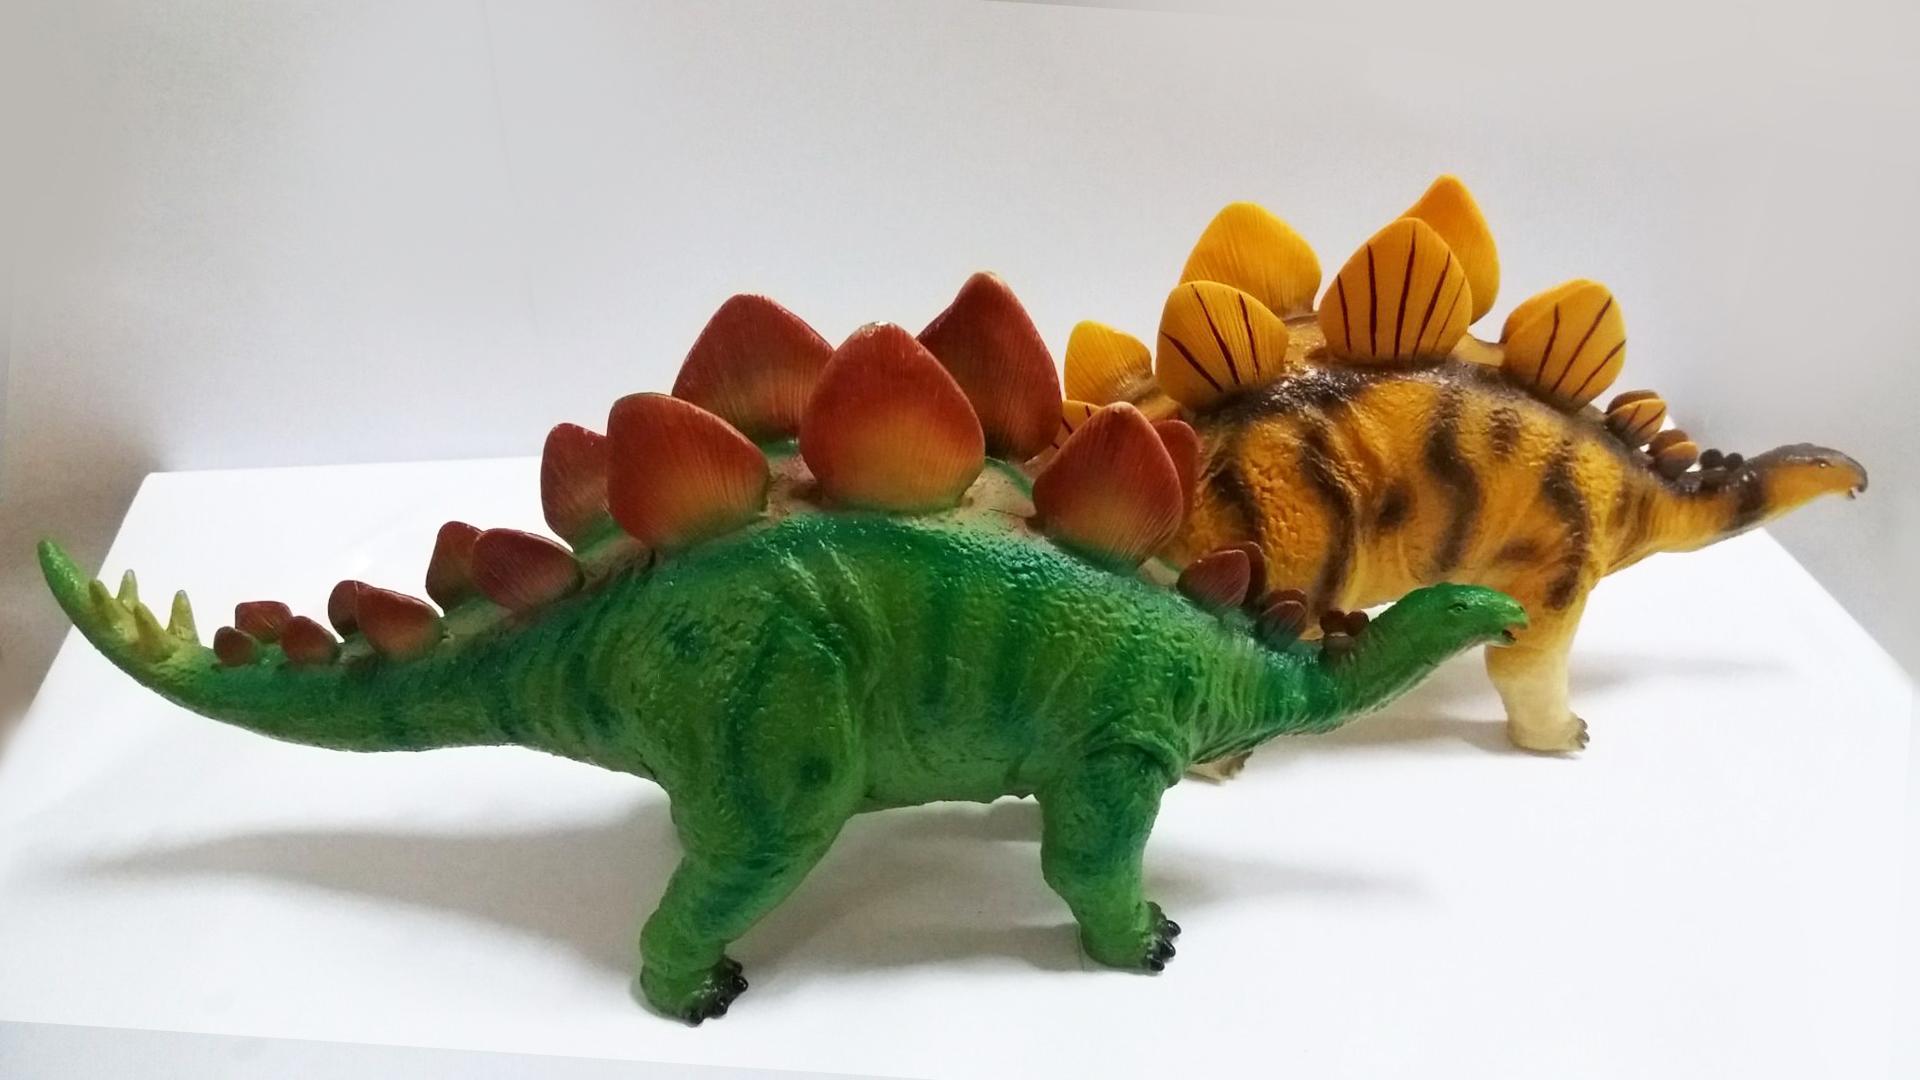 塑胶充棉恐龙模型